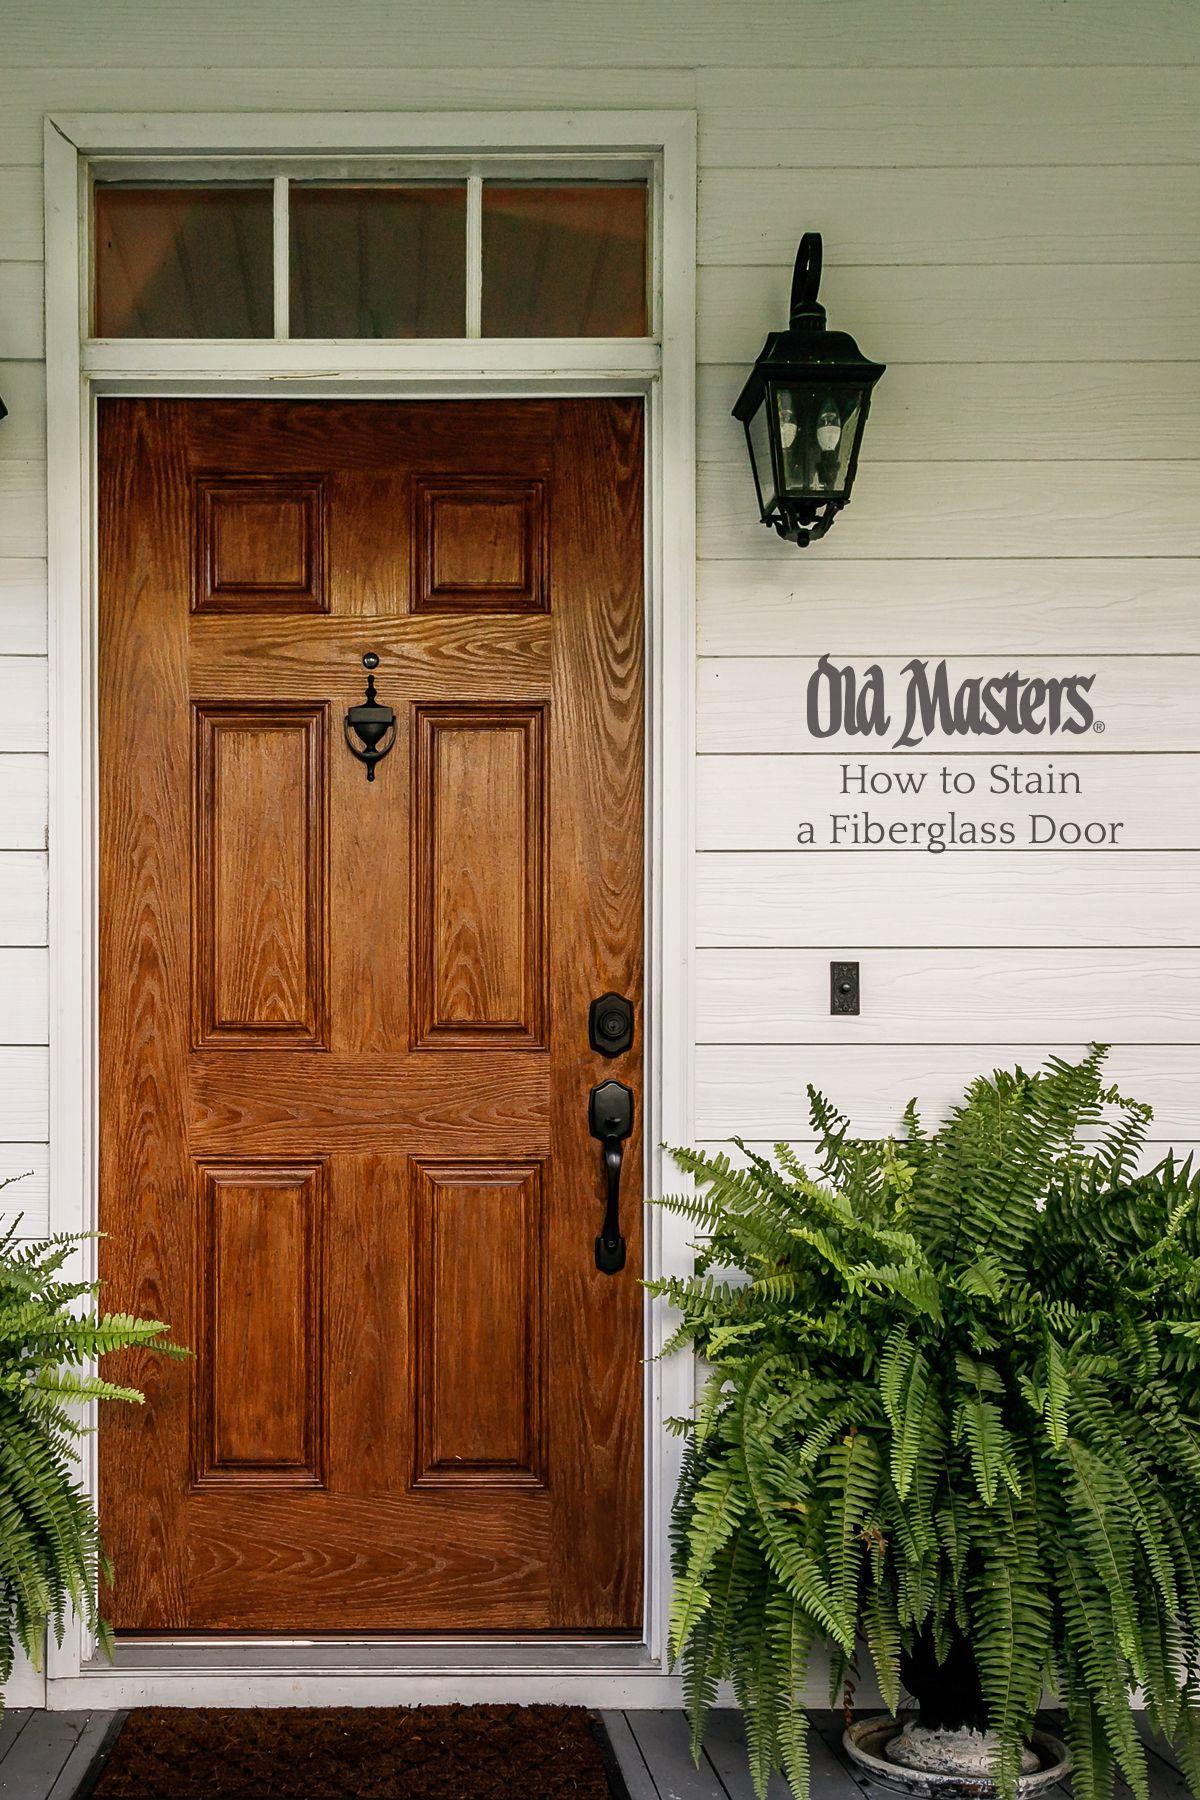 Fiberglass Doors Staining Guide Fiberglass Door Stained Front Door Painted Front Doors